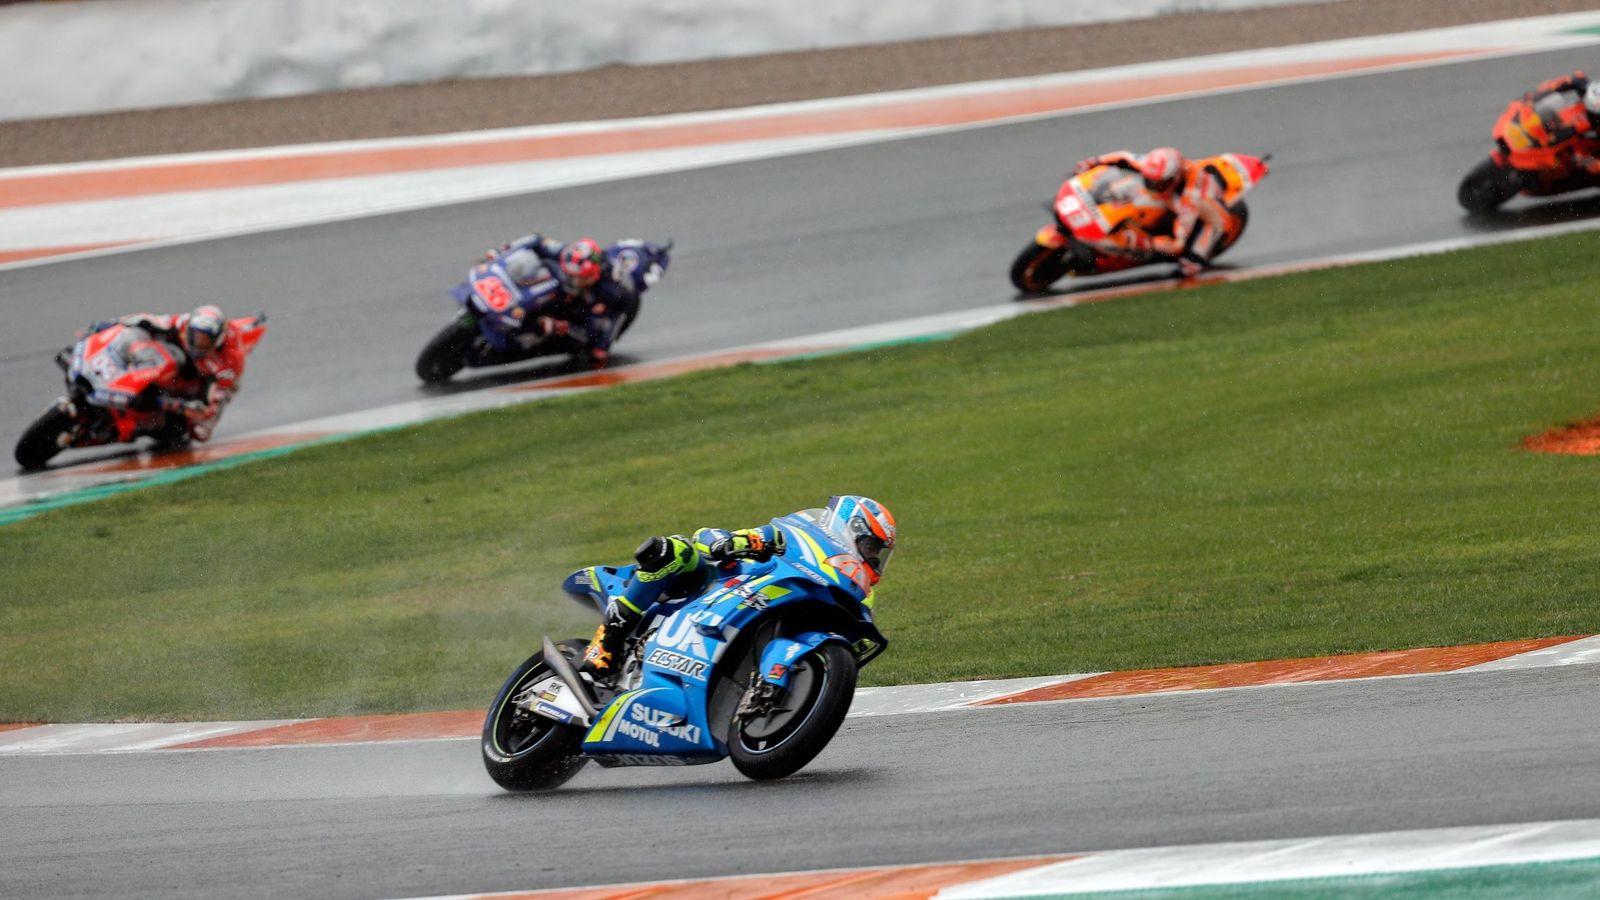 Foto: Carrera de Moto GP en el circuito Ricardo Tormo de Cheste en 2018. (Efe)